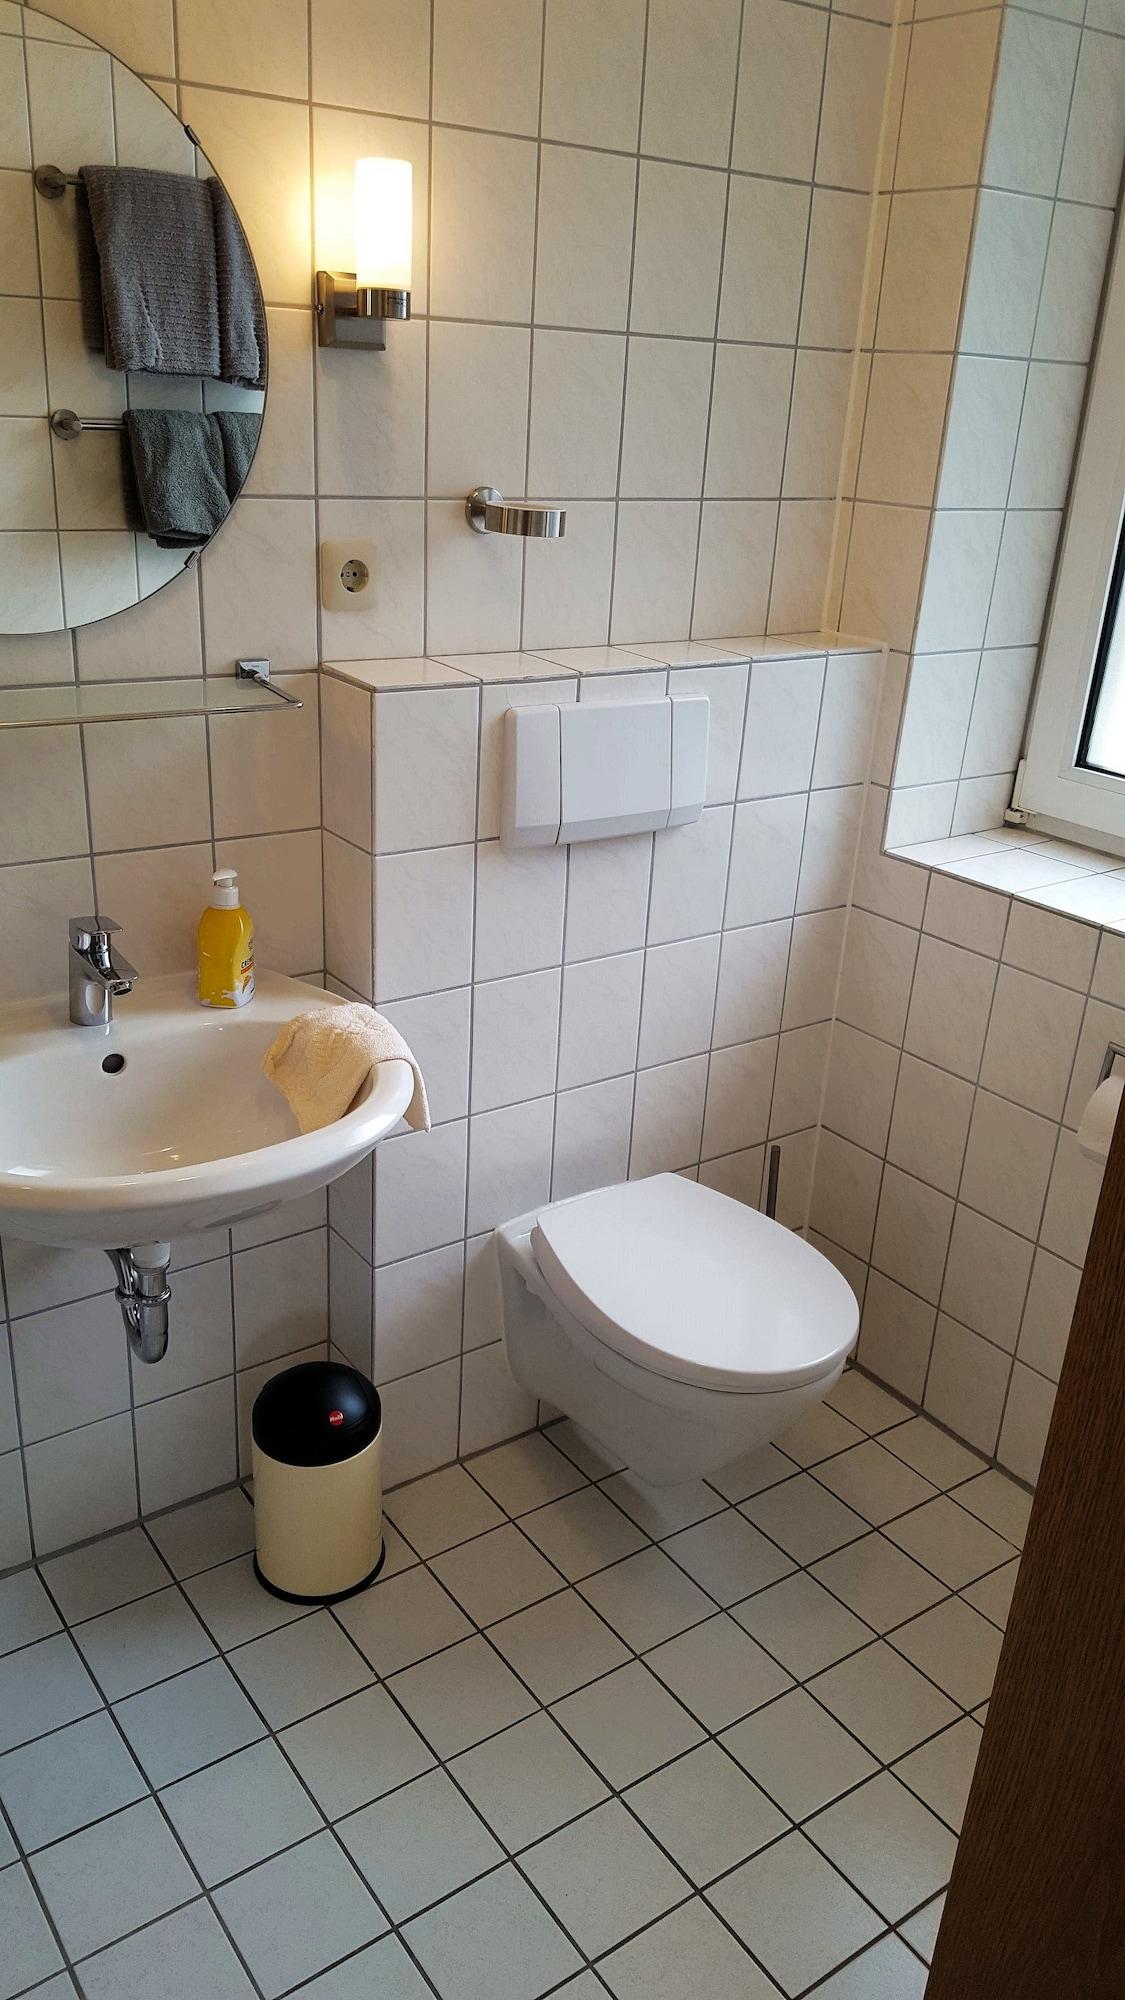 Gästehaus Strudthoff, Oldenburg